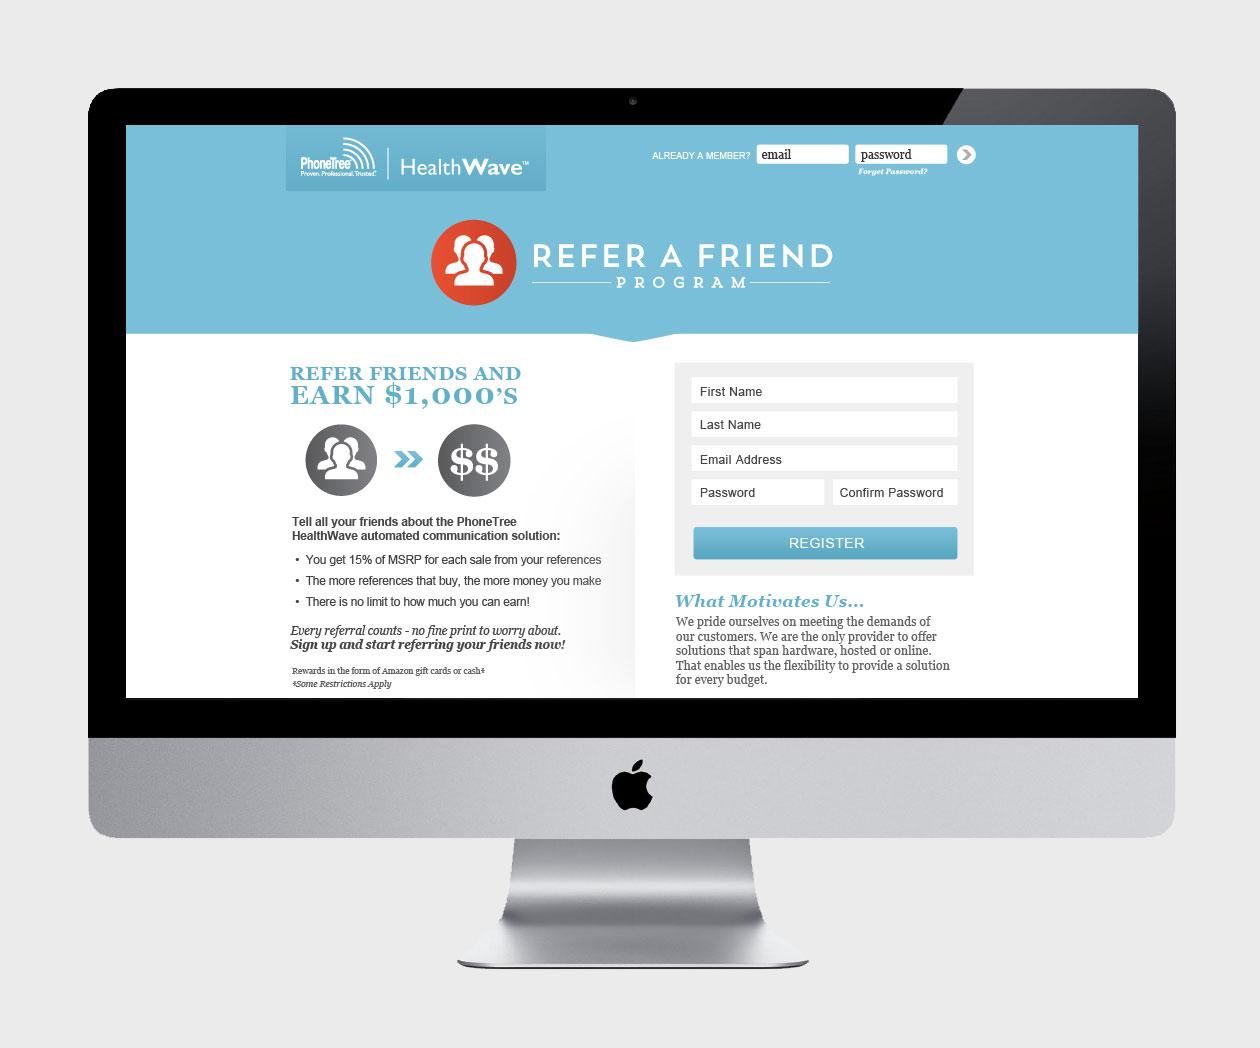 refer_a_friend_brand.jpg